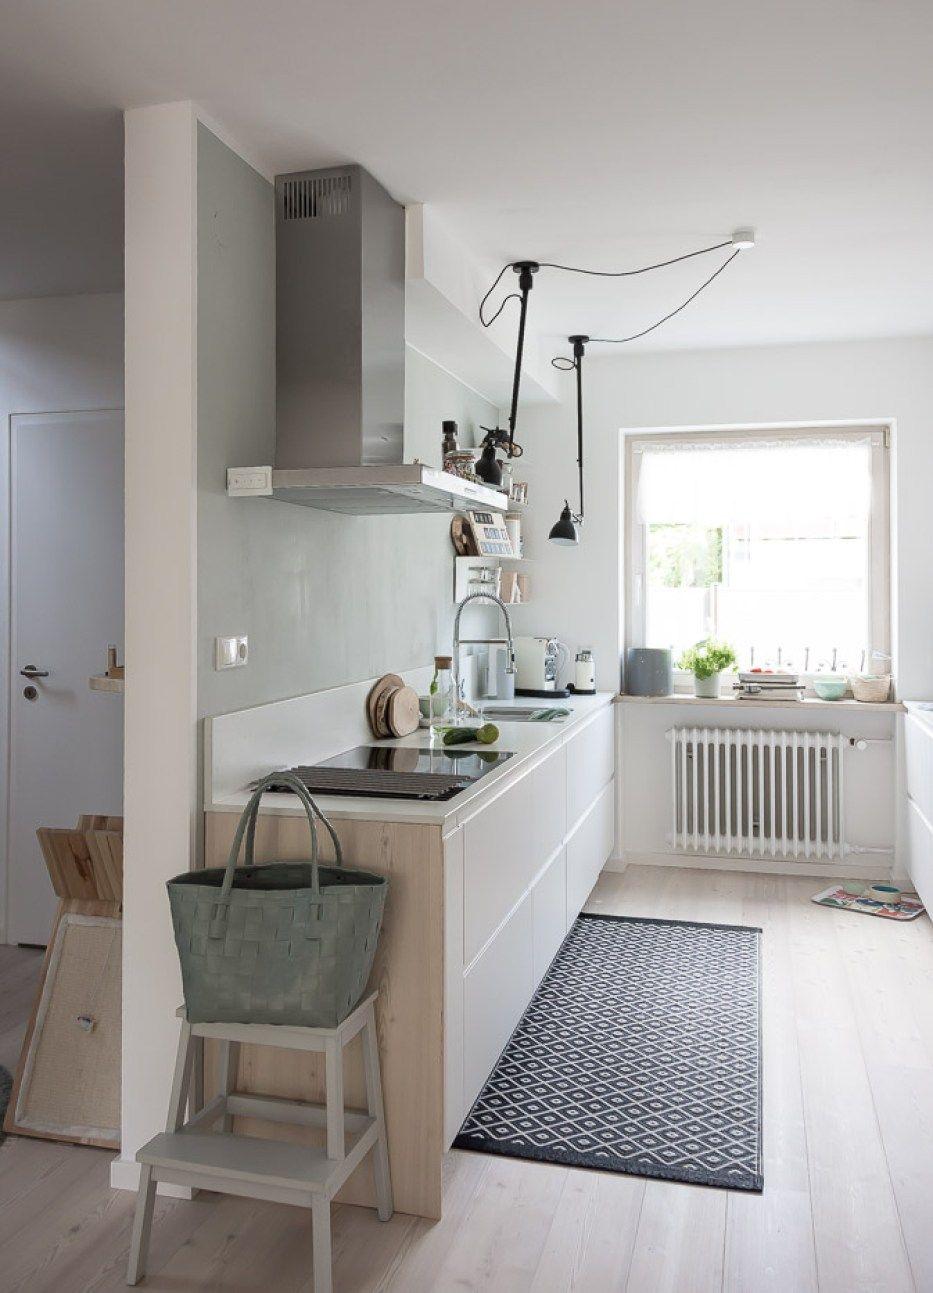 L formte ideen für die küche umbau reihenhaus teil iii  neue küche  kitchen layout  pinterest